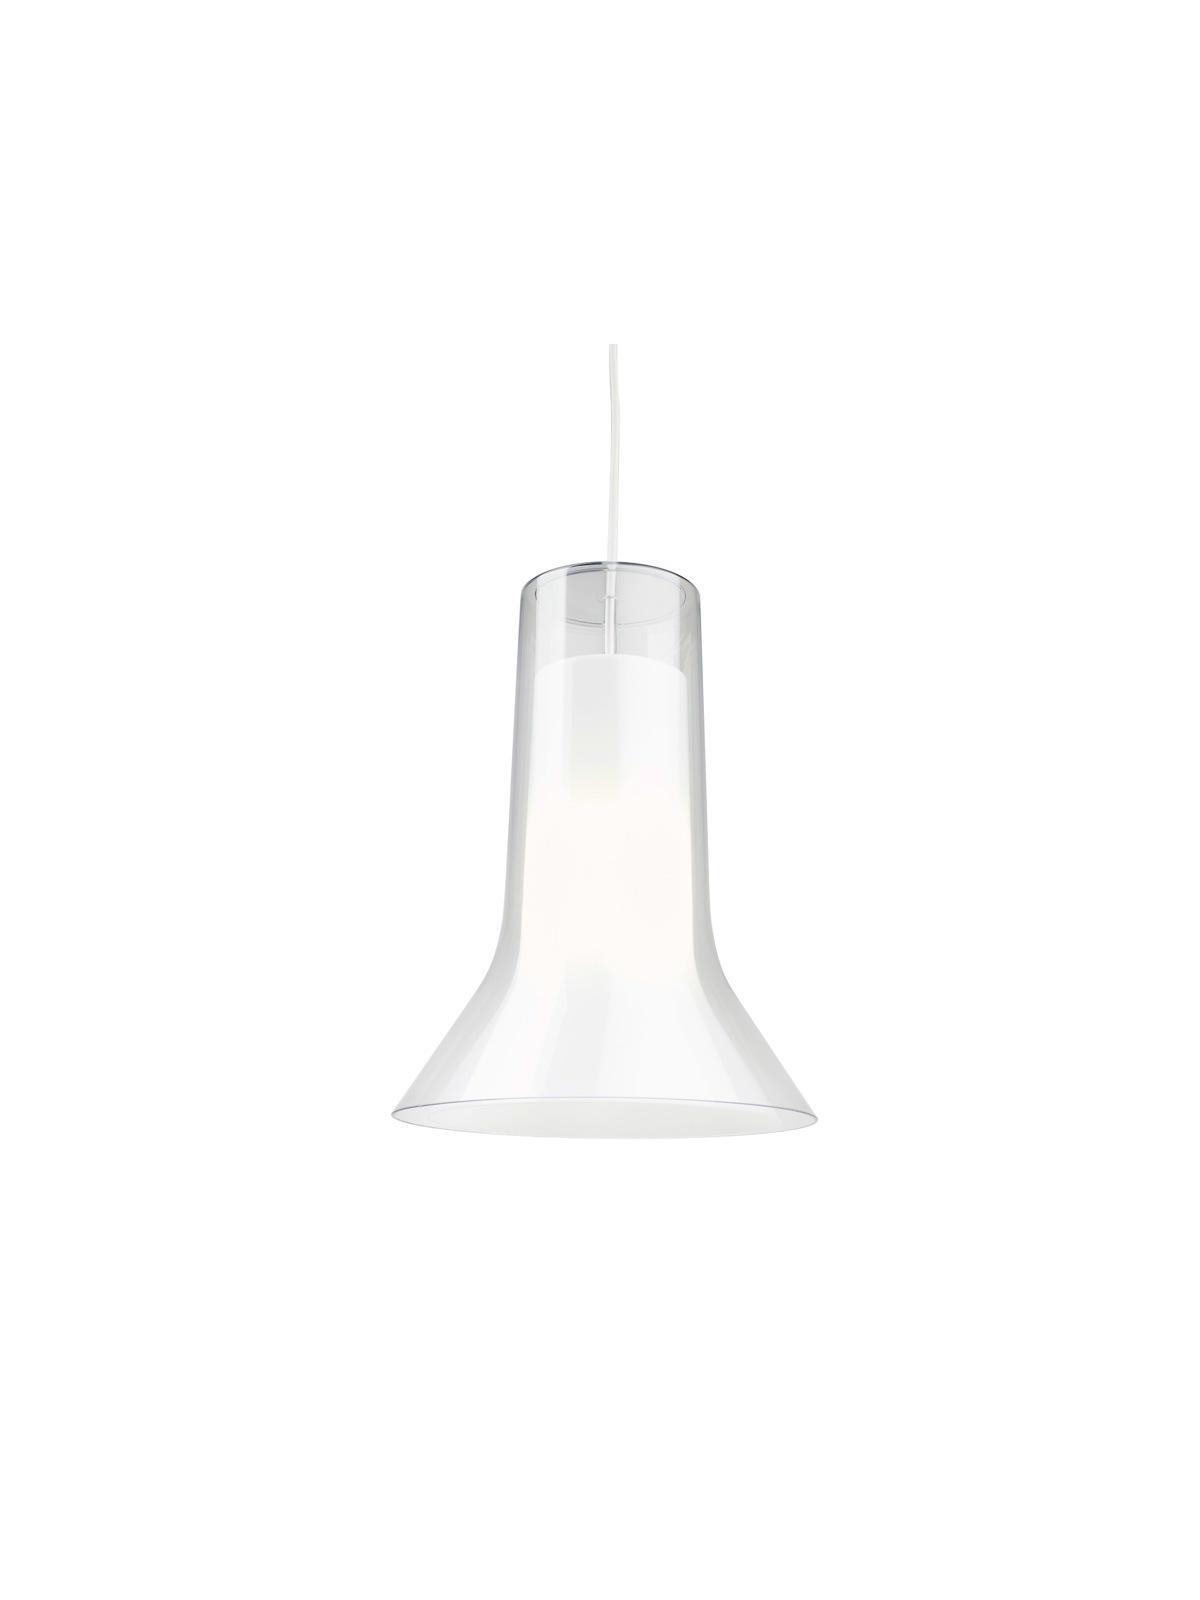 Leuchte Innolux Lampe Vaasi aus Acryl Pendelleuchte online kaufen DesignOrt